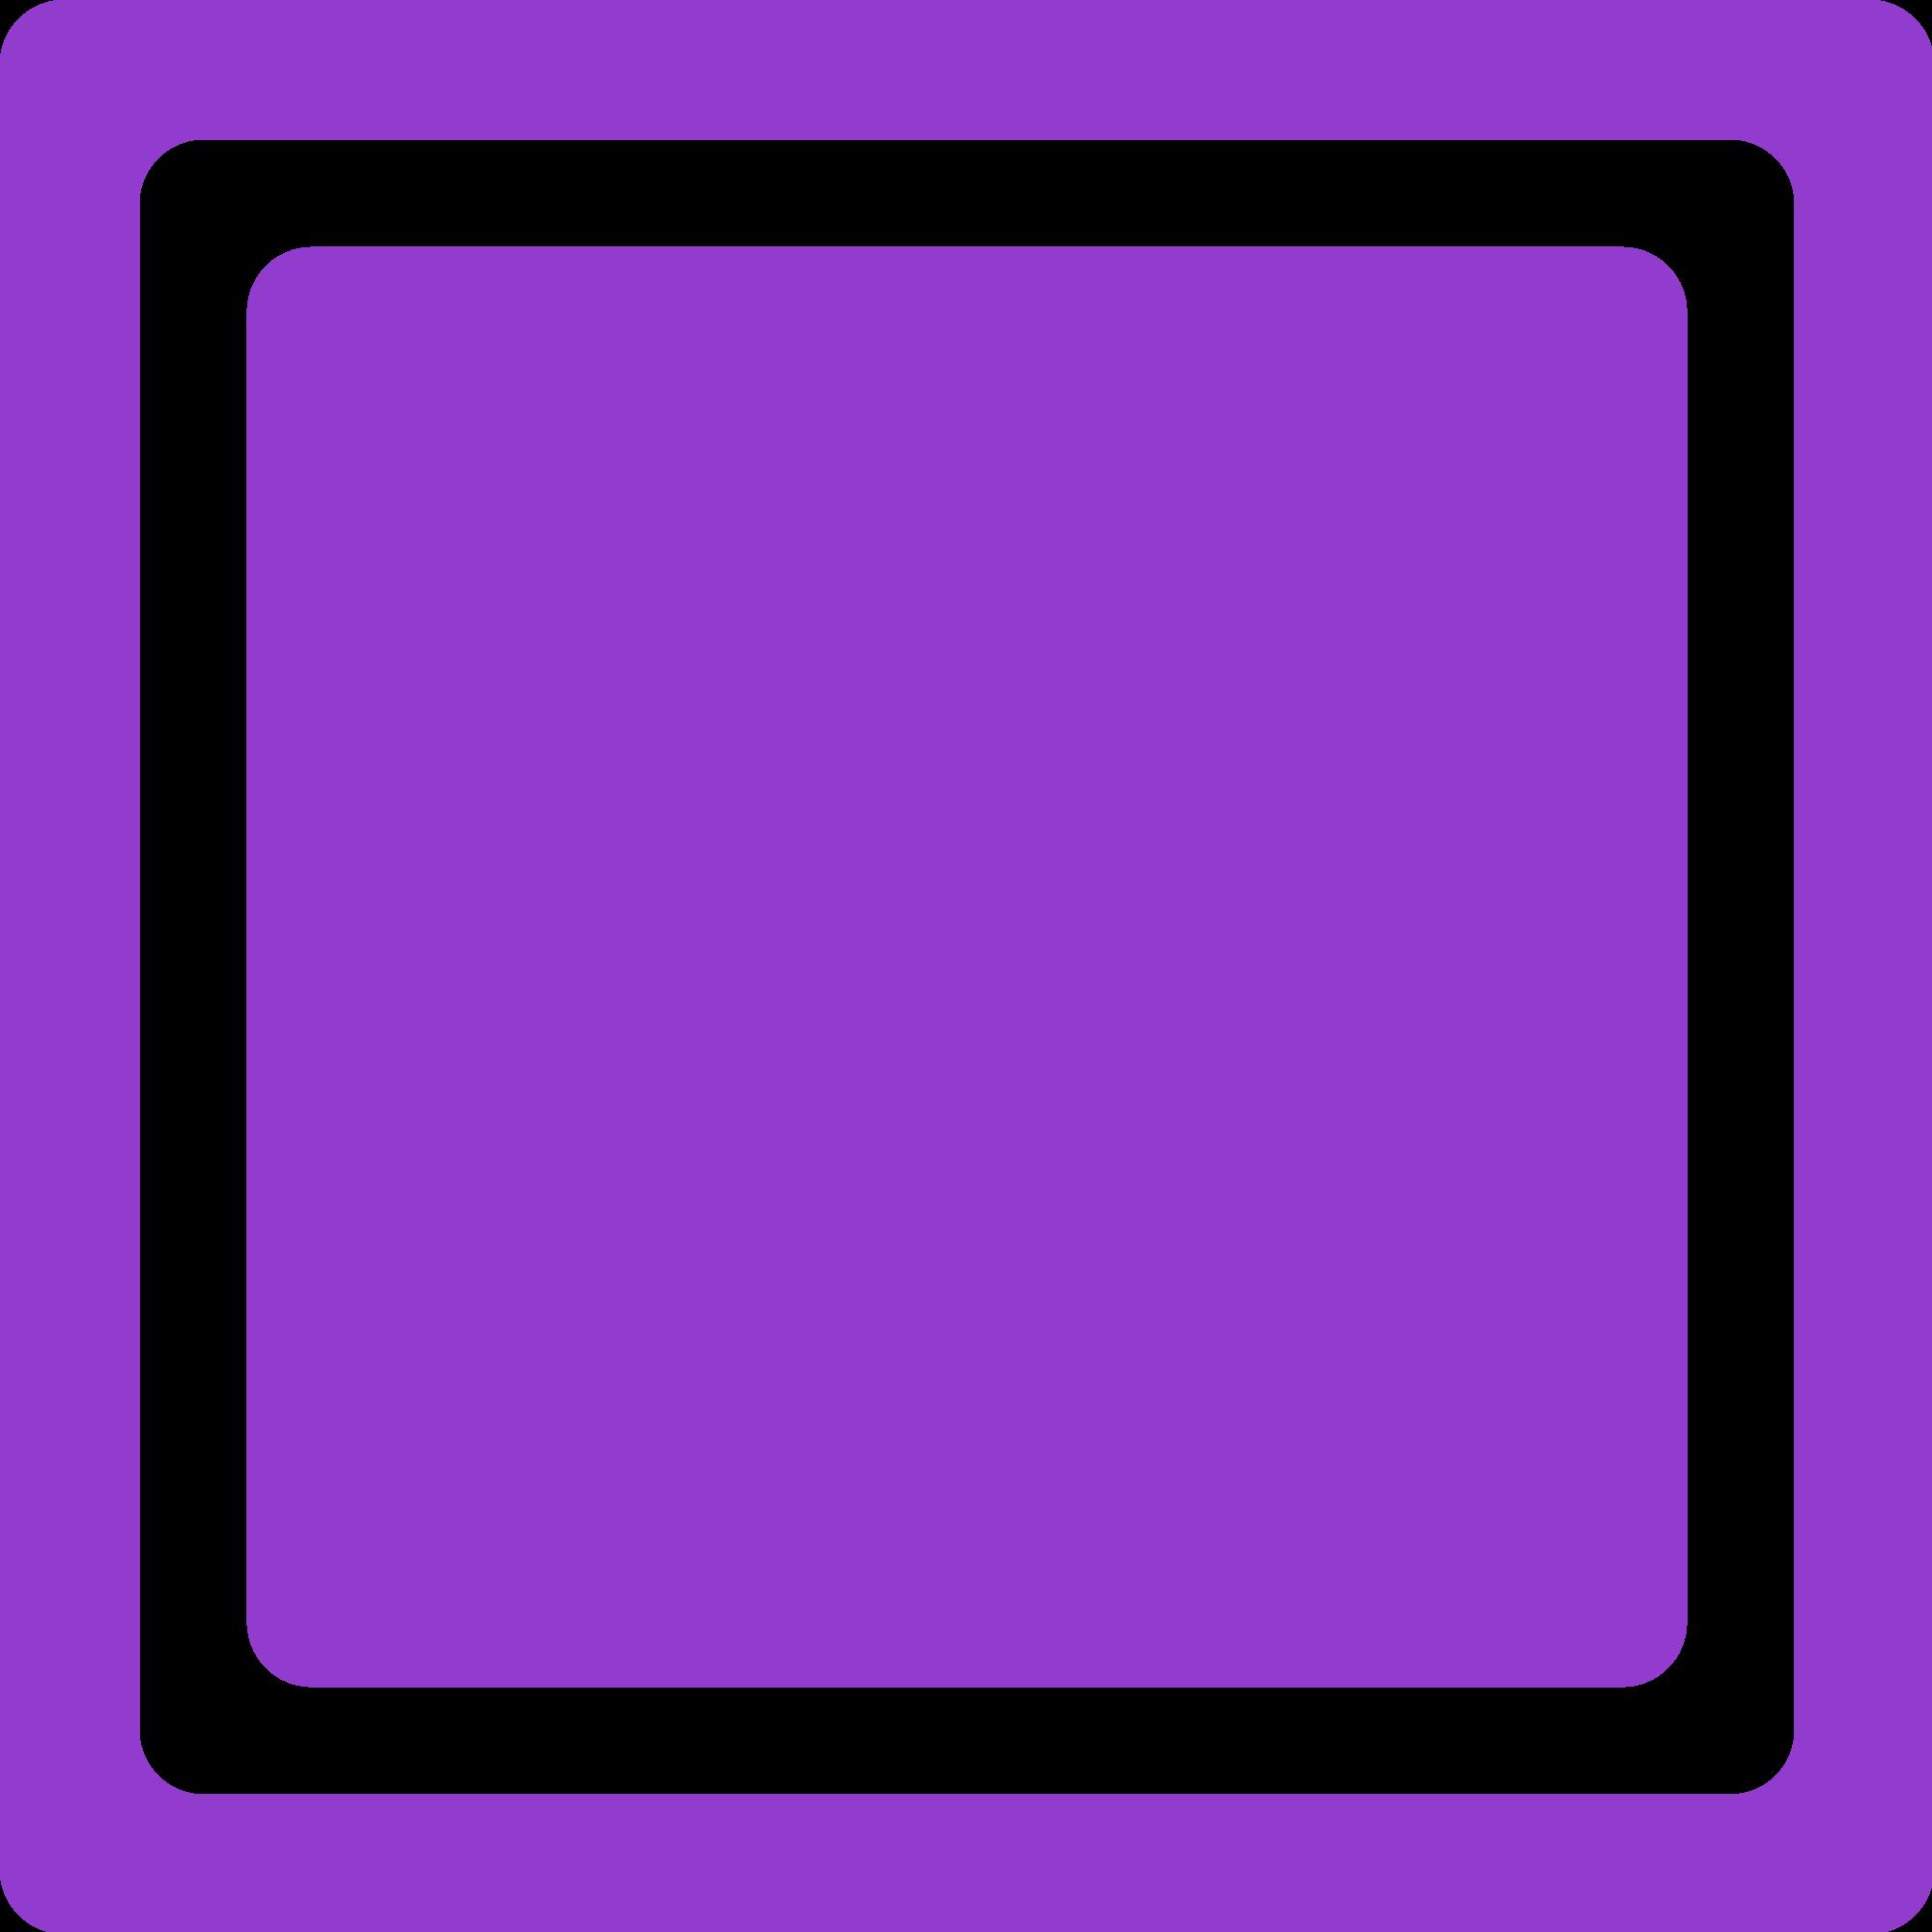 Square clipart purple. File checkbox unchecked svg